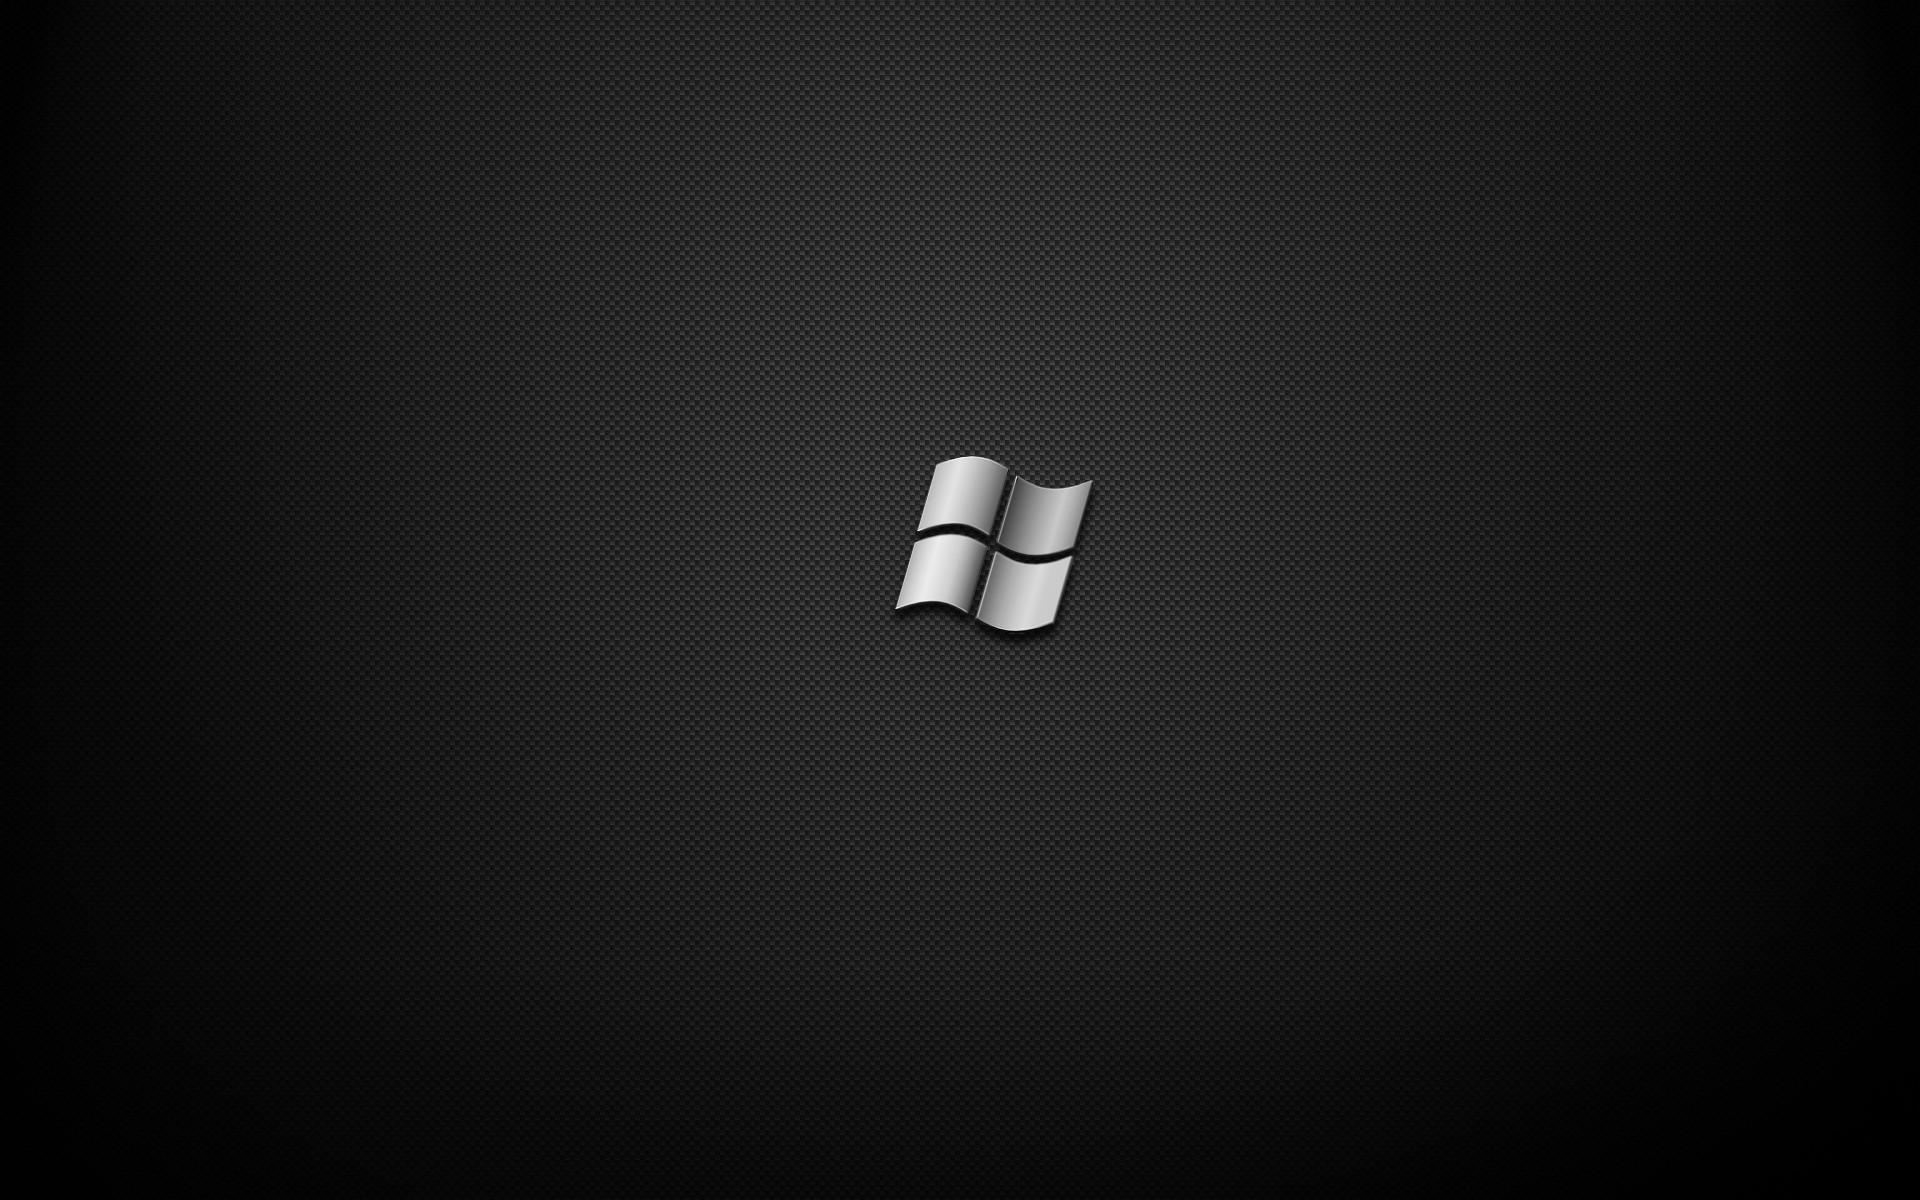 Windows 7 Seven Wallpaper Fondos De Escritorio Wallpapers: Carbon Fiber Wallpaper Windows 7 (58+ Images